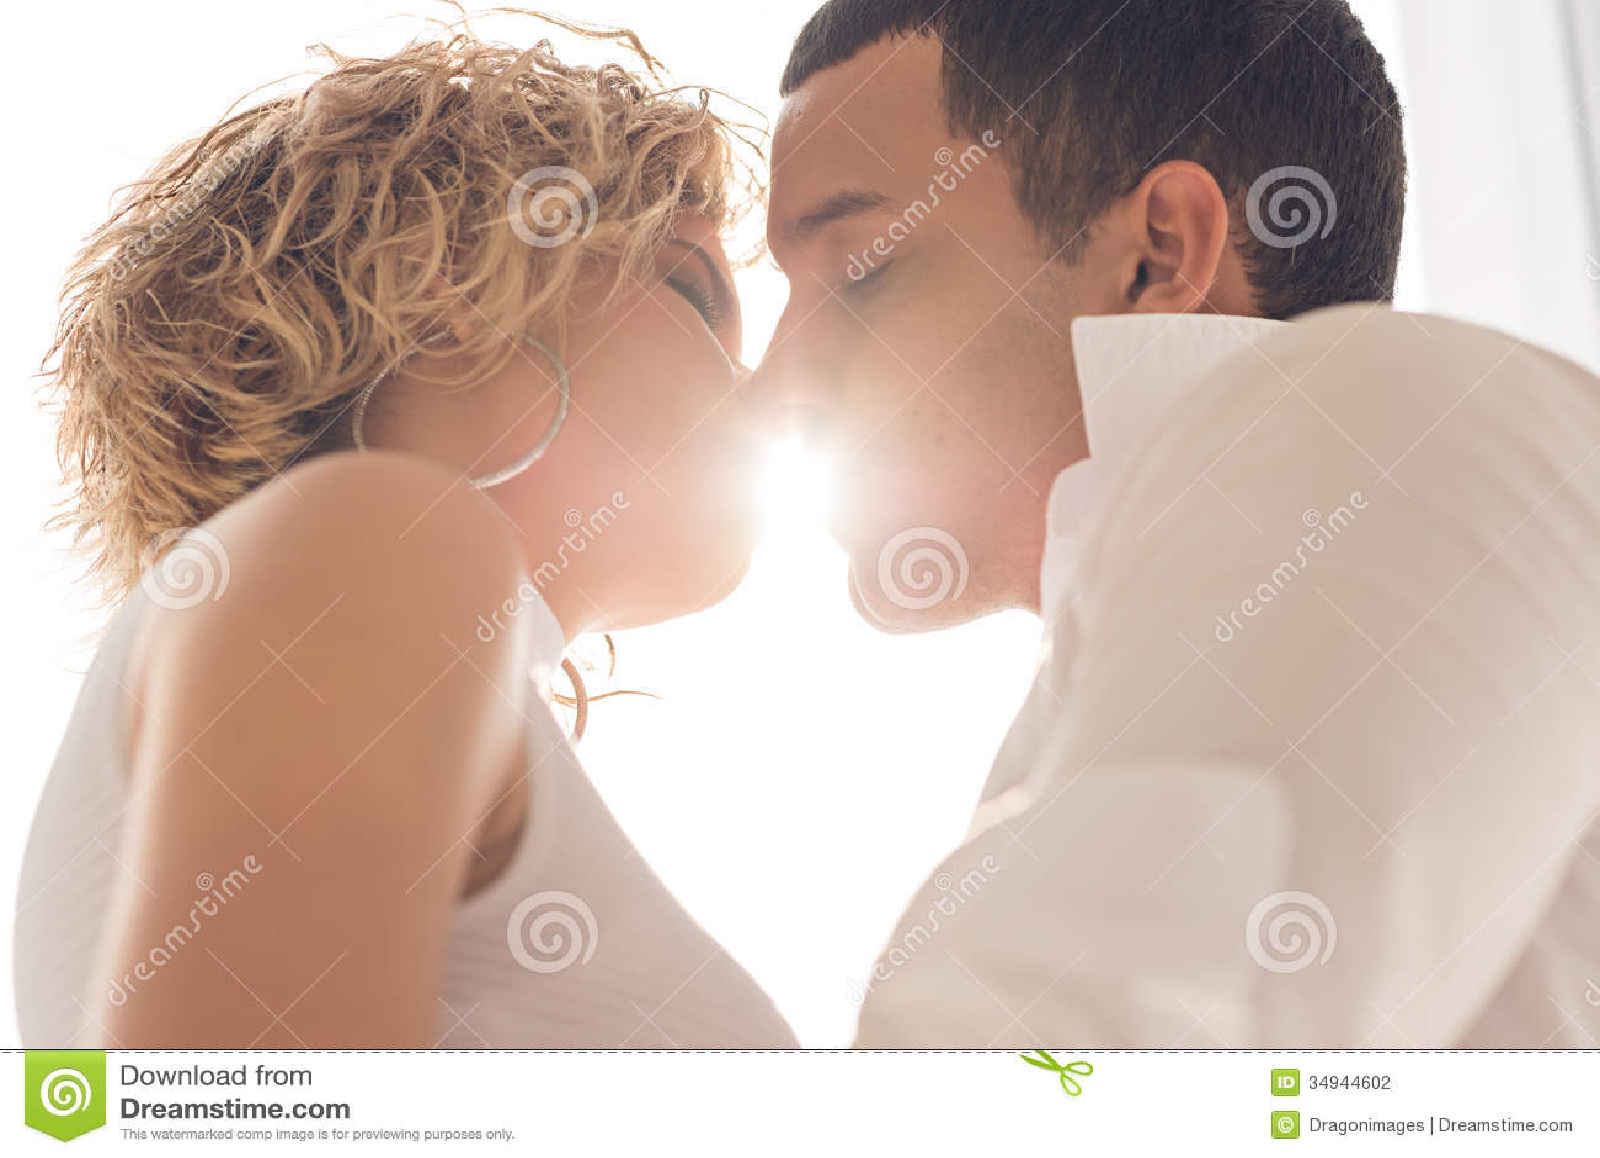 Wir sind Dating-Sorte Pip 1